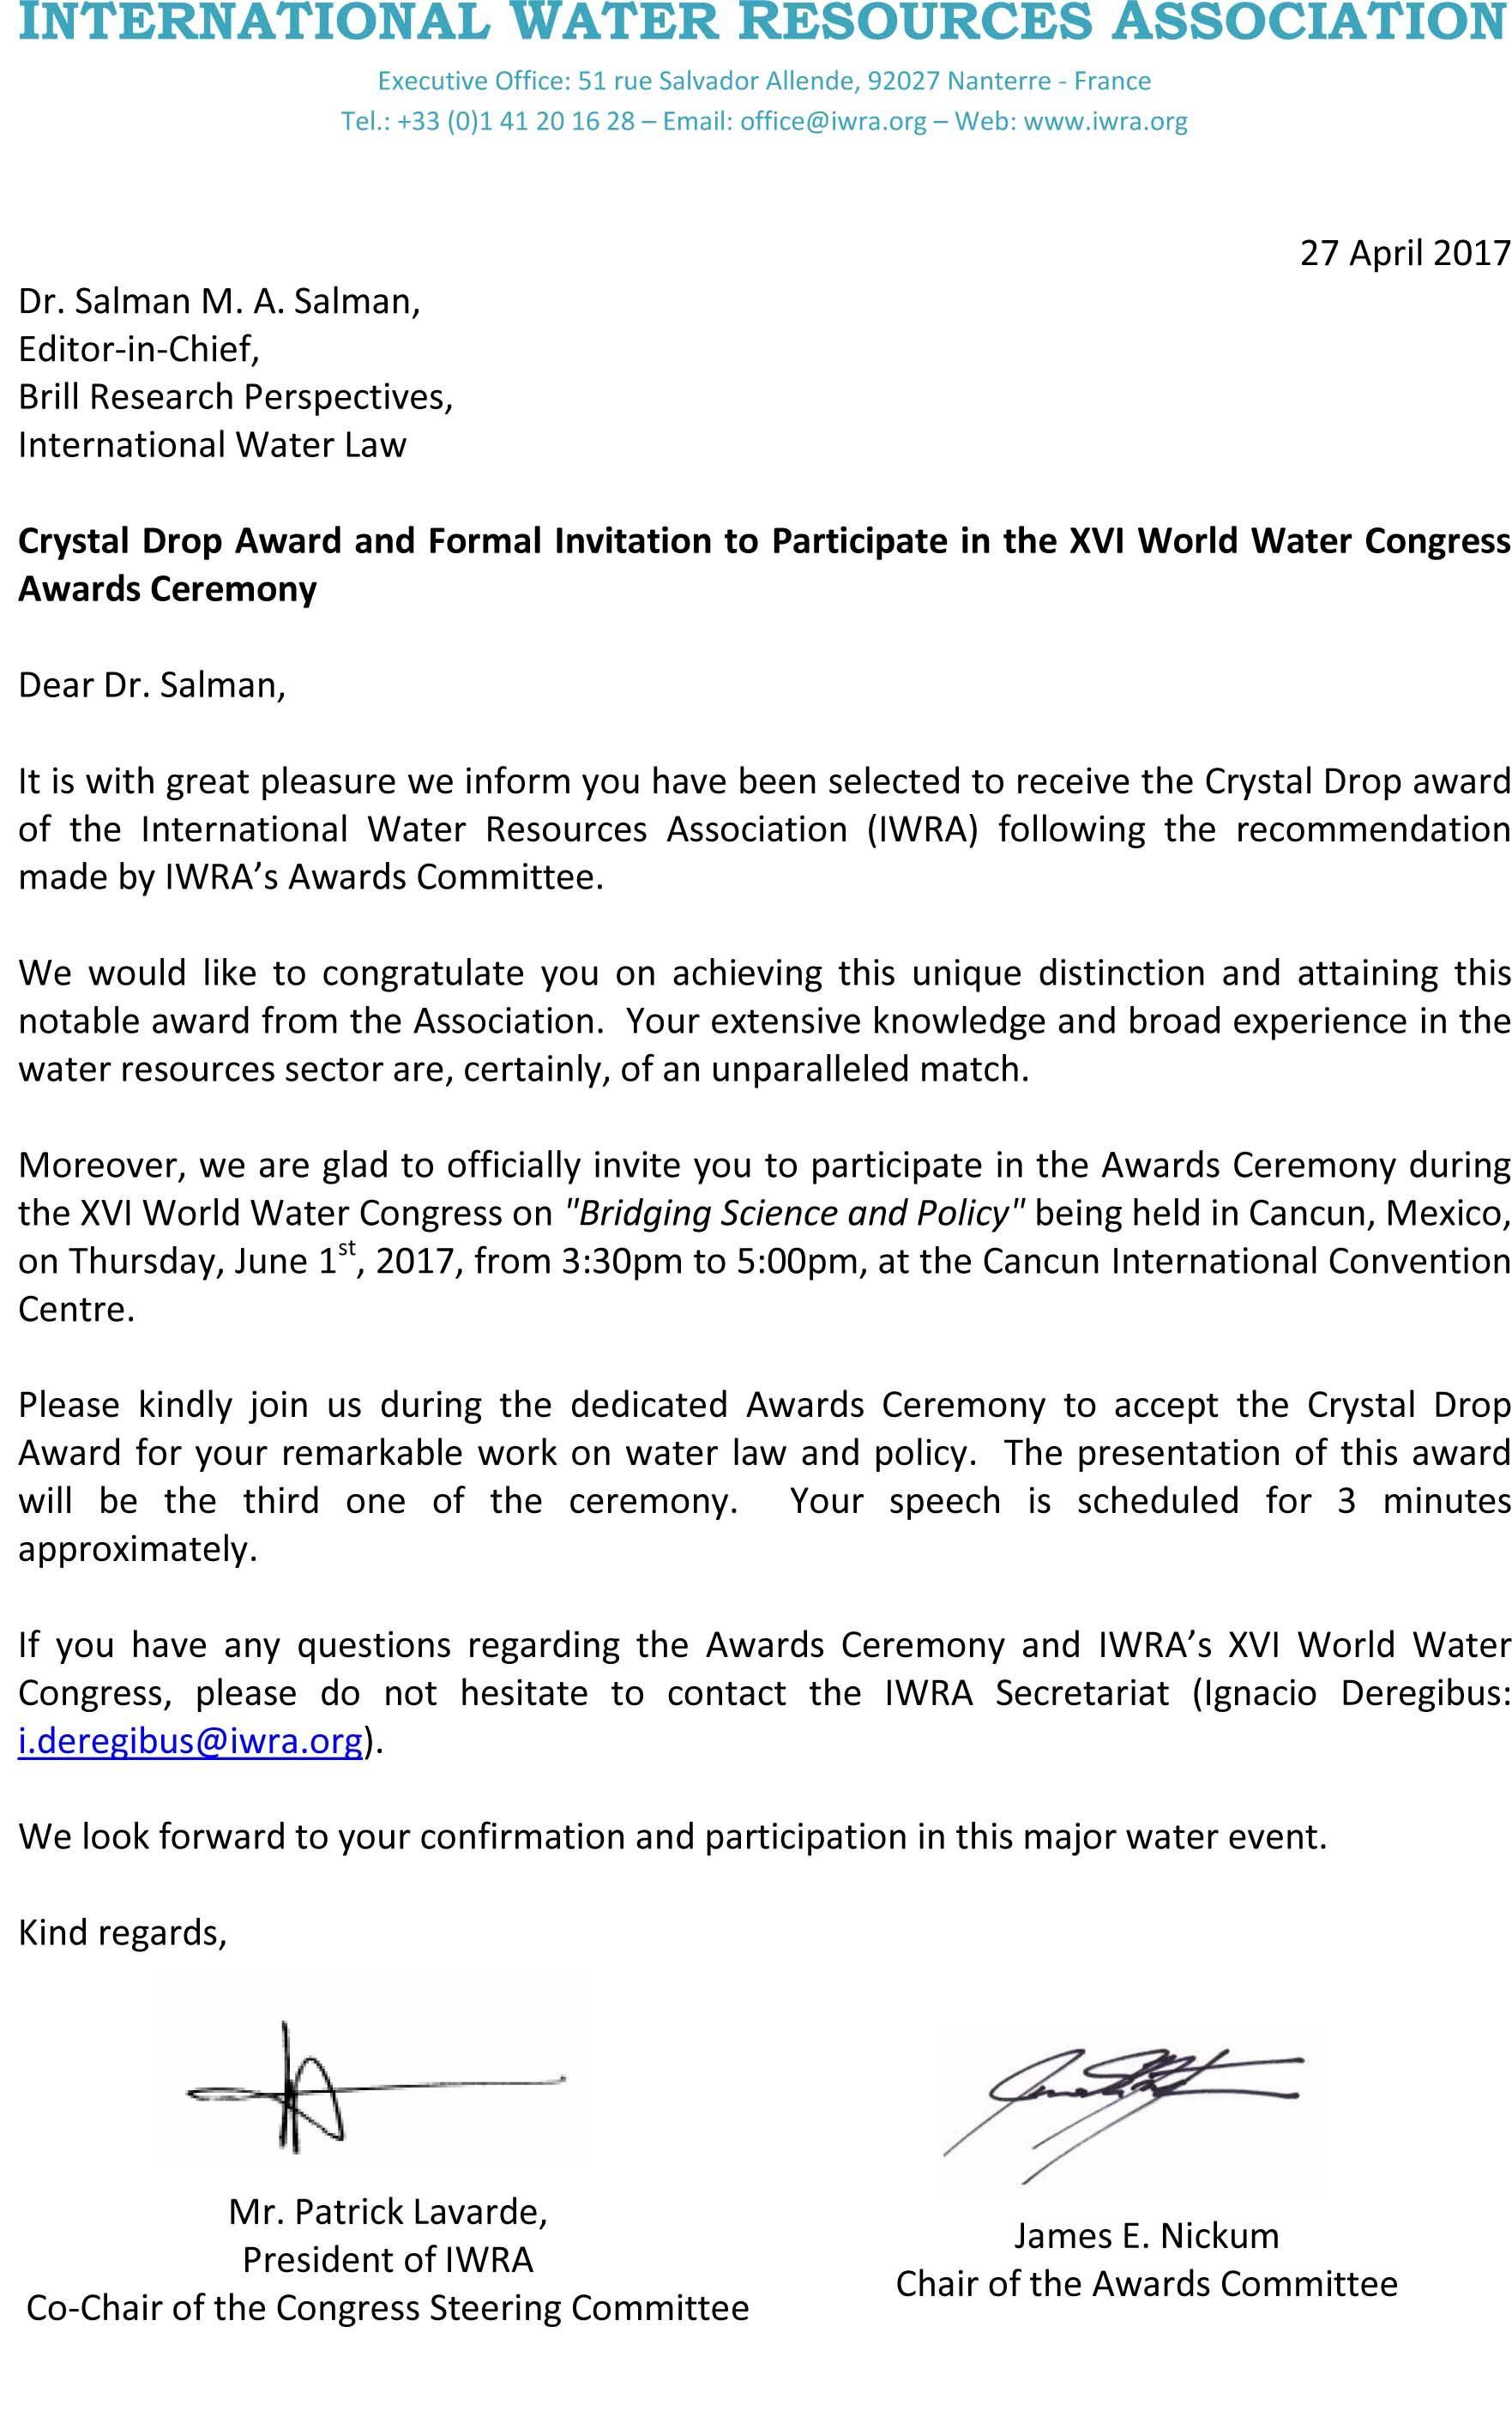 الجمعية الدولية لمصادر المياه تُكرِّم د. سلمان بمنحه جائزة قِطْرة الكريستال لعام 2017